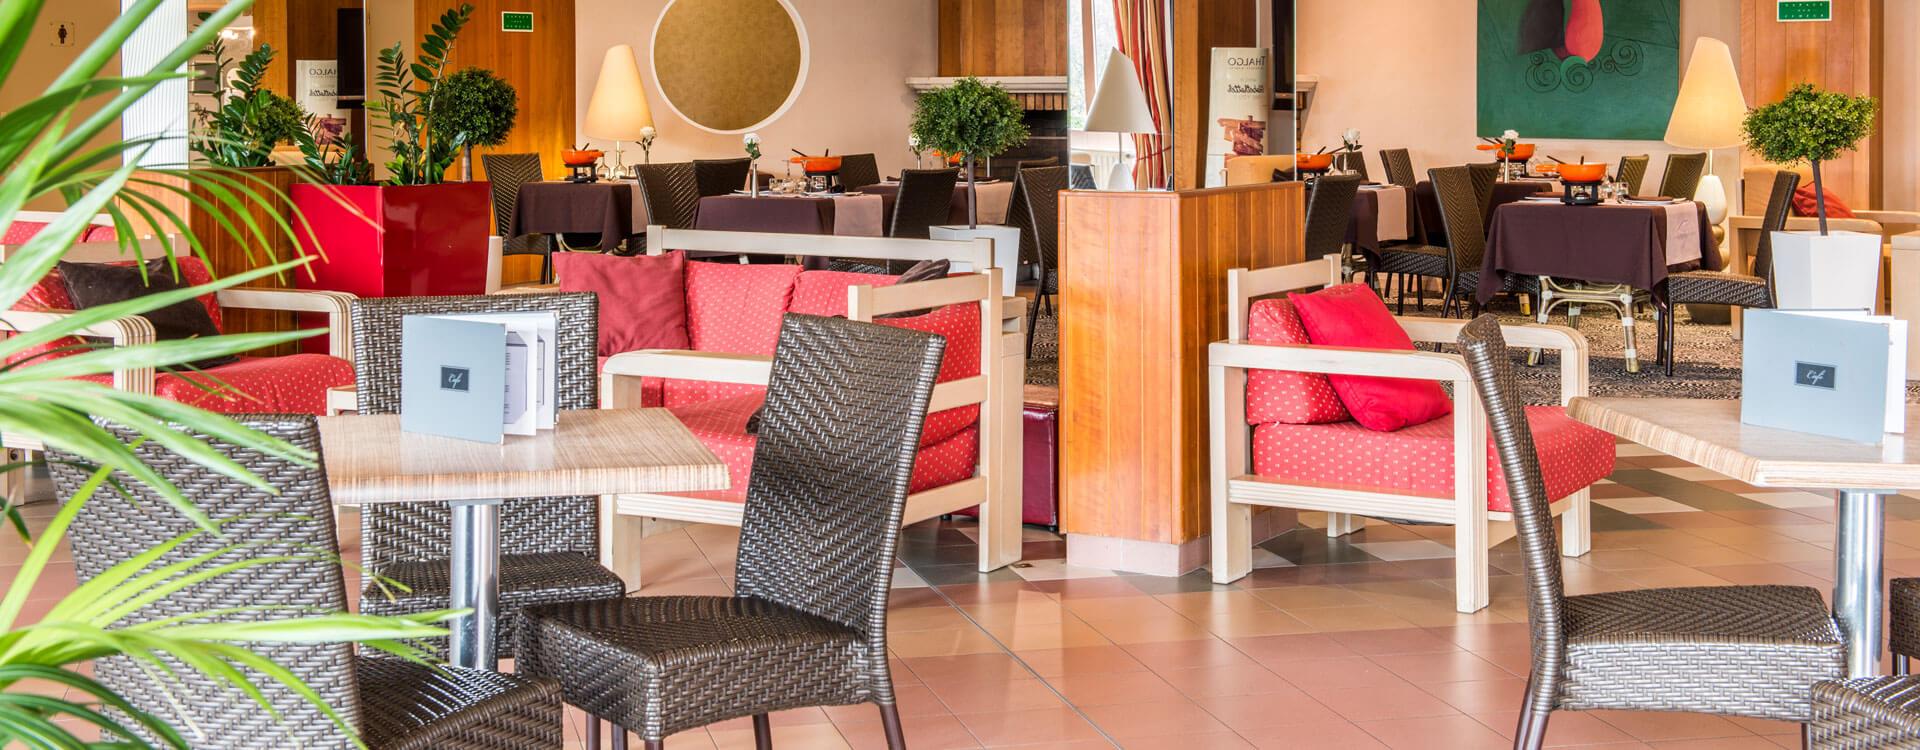 Bar - Hôtel & spa*** La Villa Marlioz à Aix-les-Bains